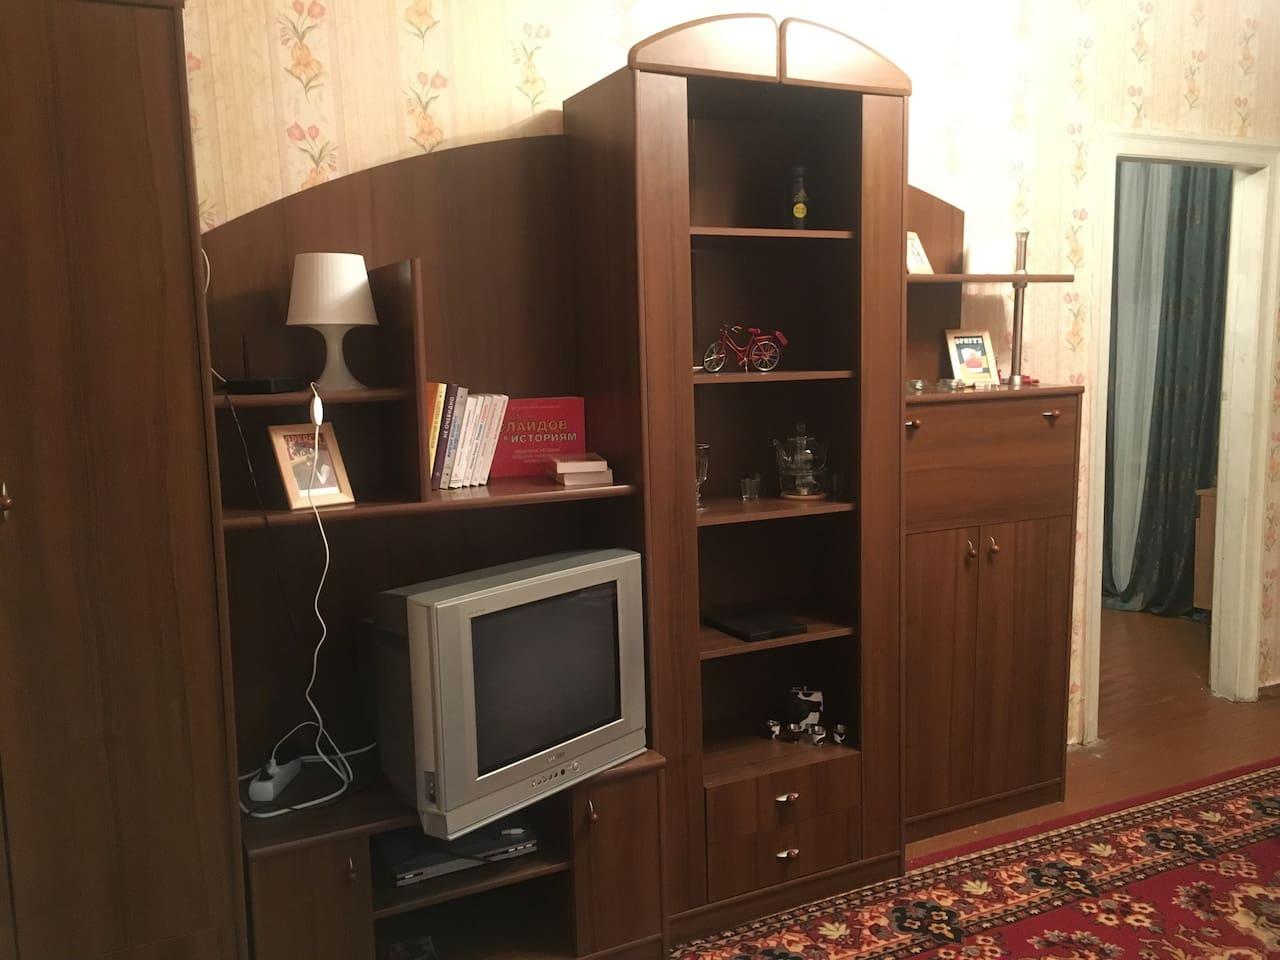 Уютная гостиная / Cozy living room with TV